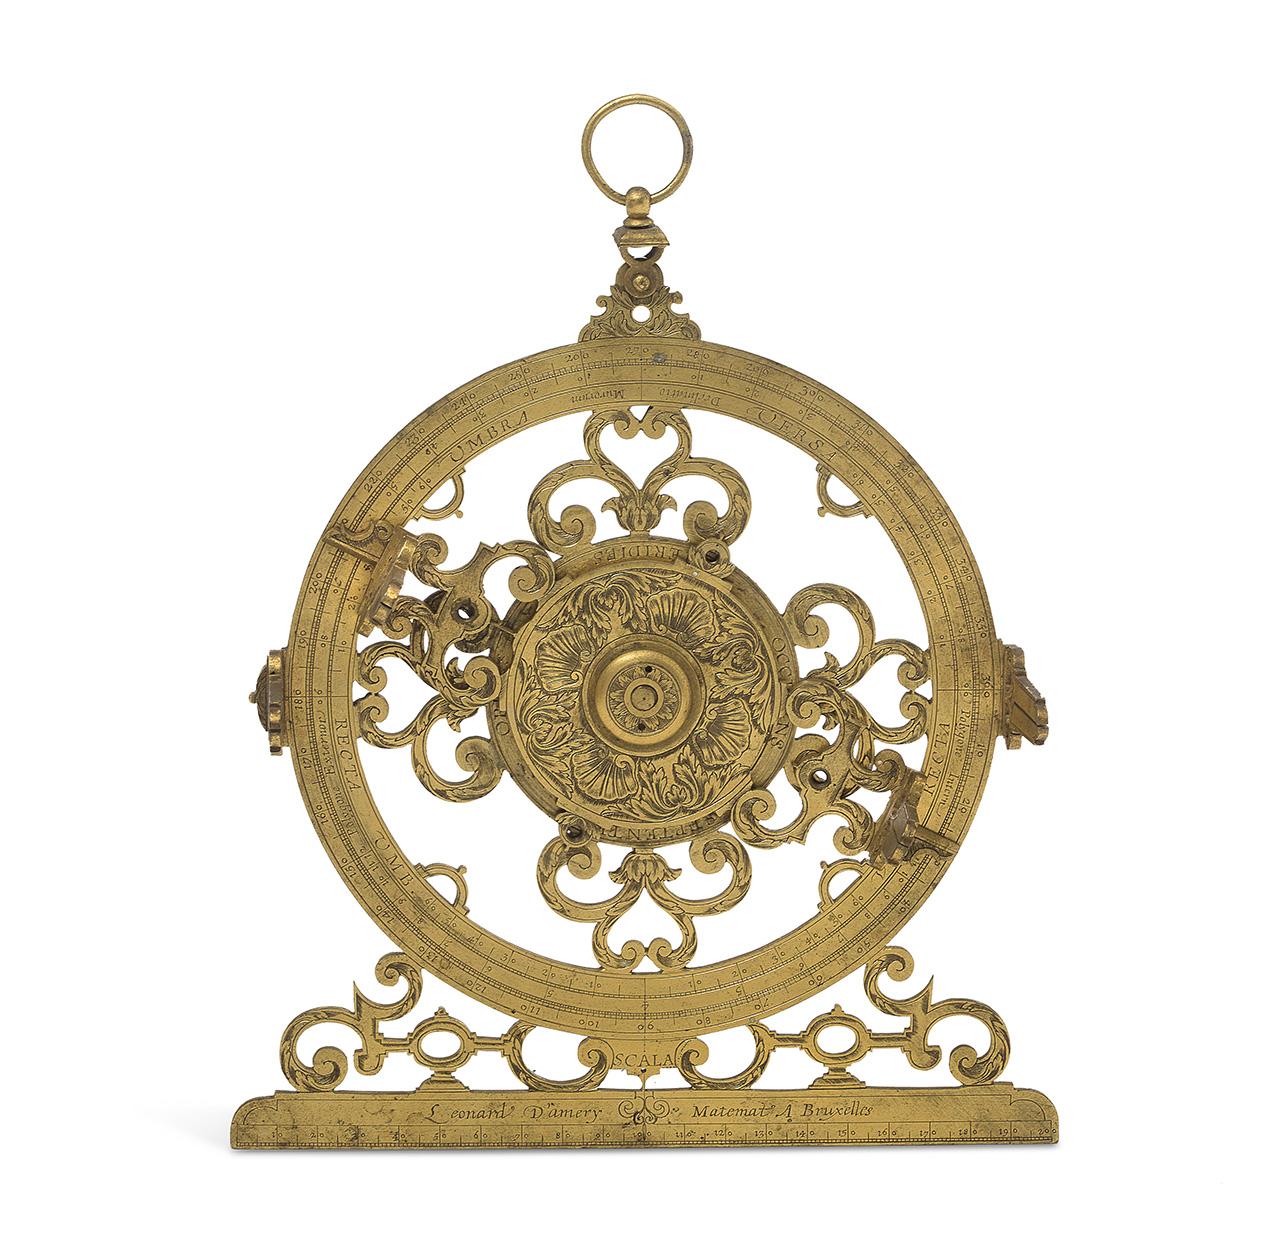 Bruxelles, XVIIesiècle. Cercle d'arpentage en laiton doré, découpé de volutes feuillagées et de coquilles gravées, division en degrés, ta